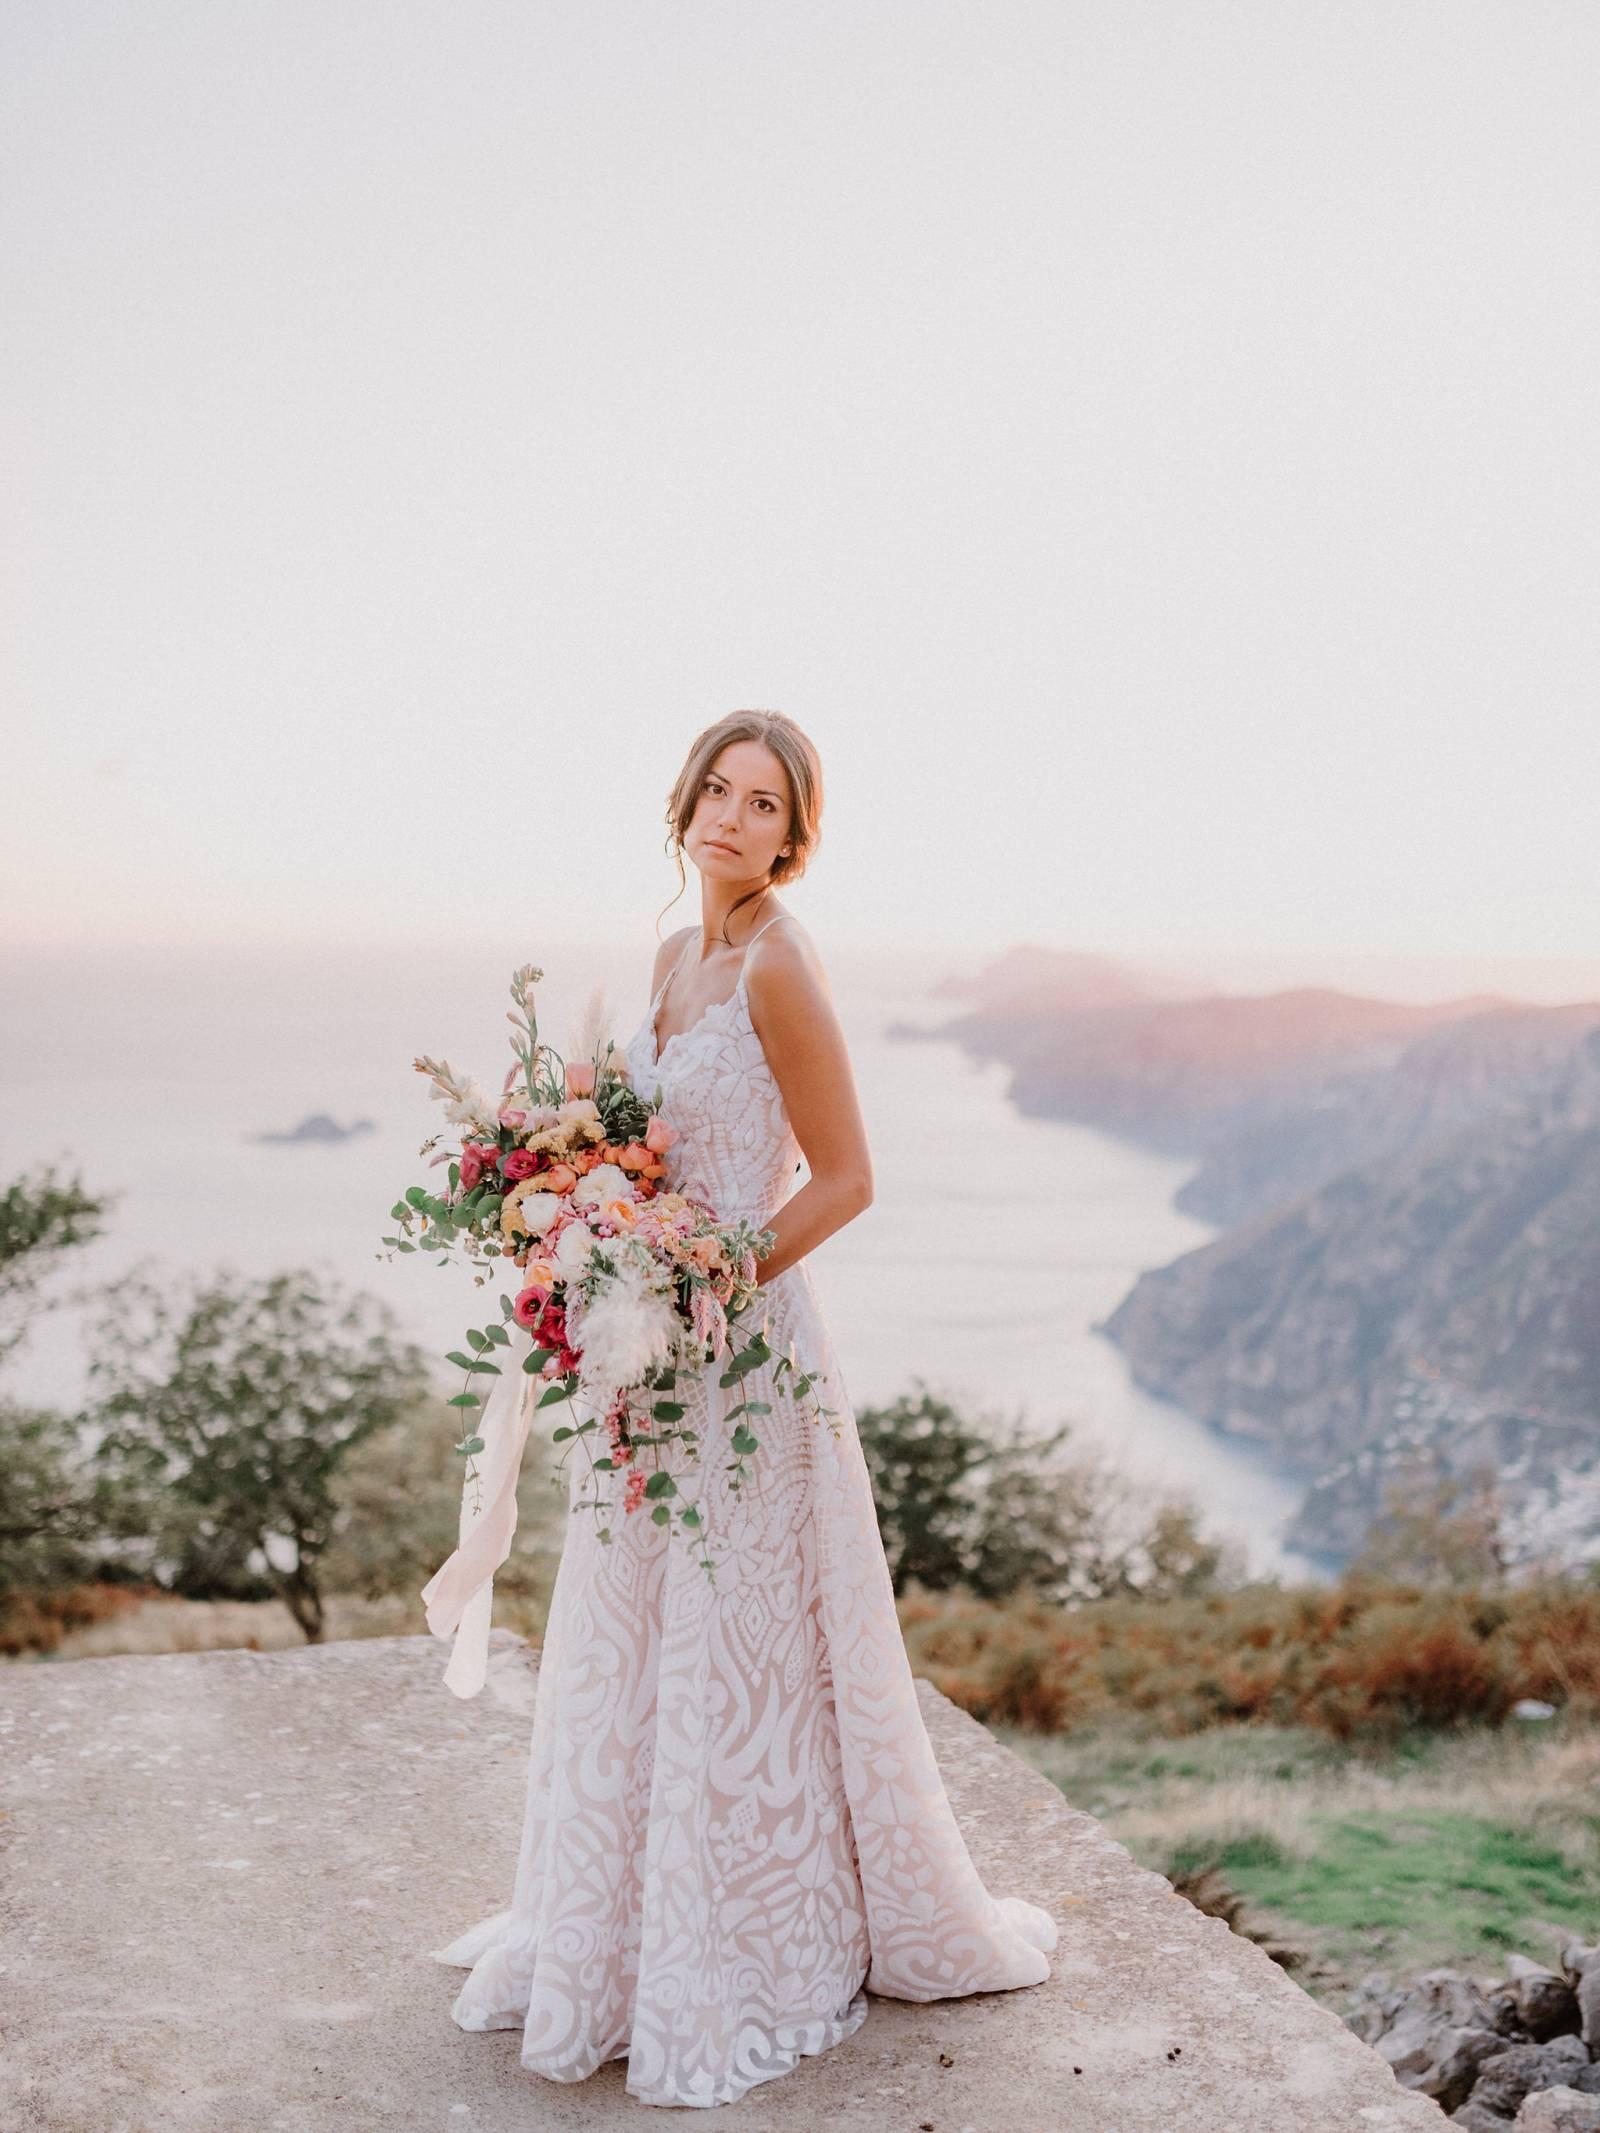 Colourful And Dreamy Romance On The Amalfi Coast Italian